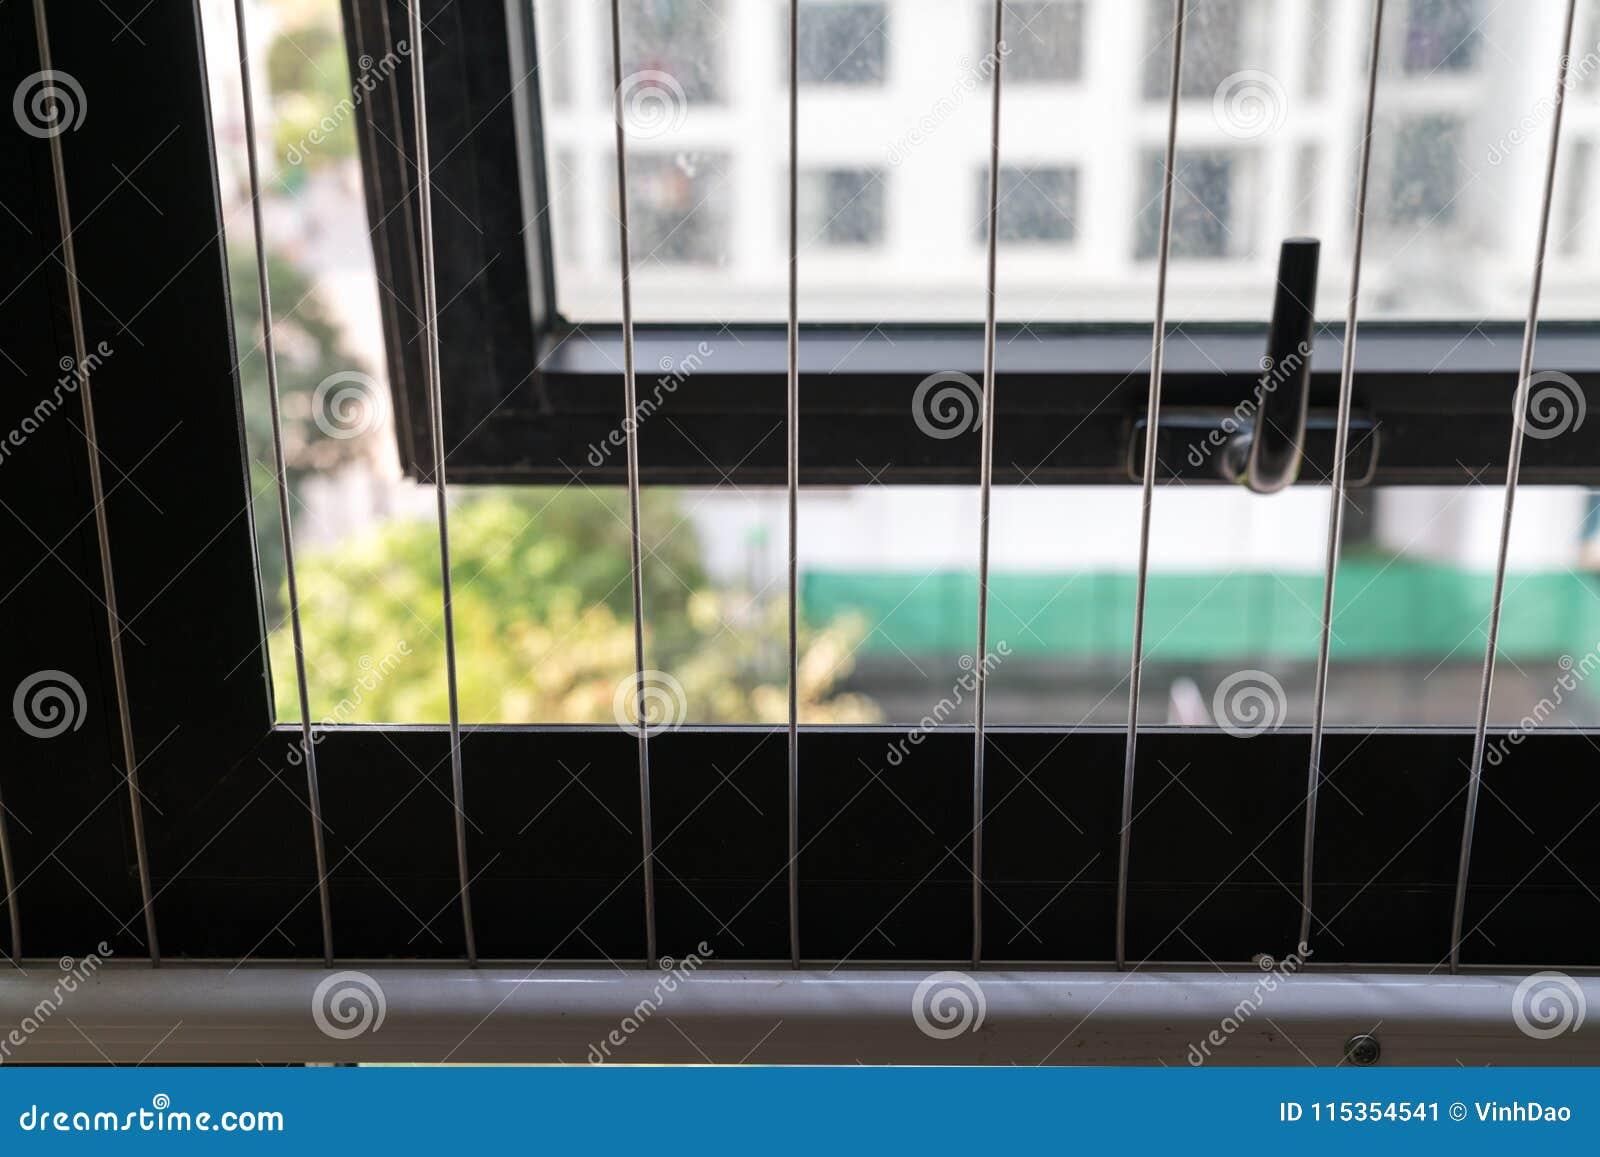 Grillage De Protection Sur Le Secteur Ouvert Sur La Fenêtre Dans L